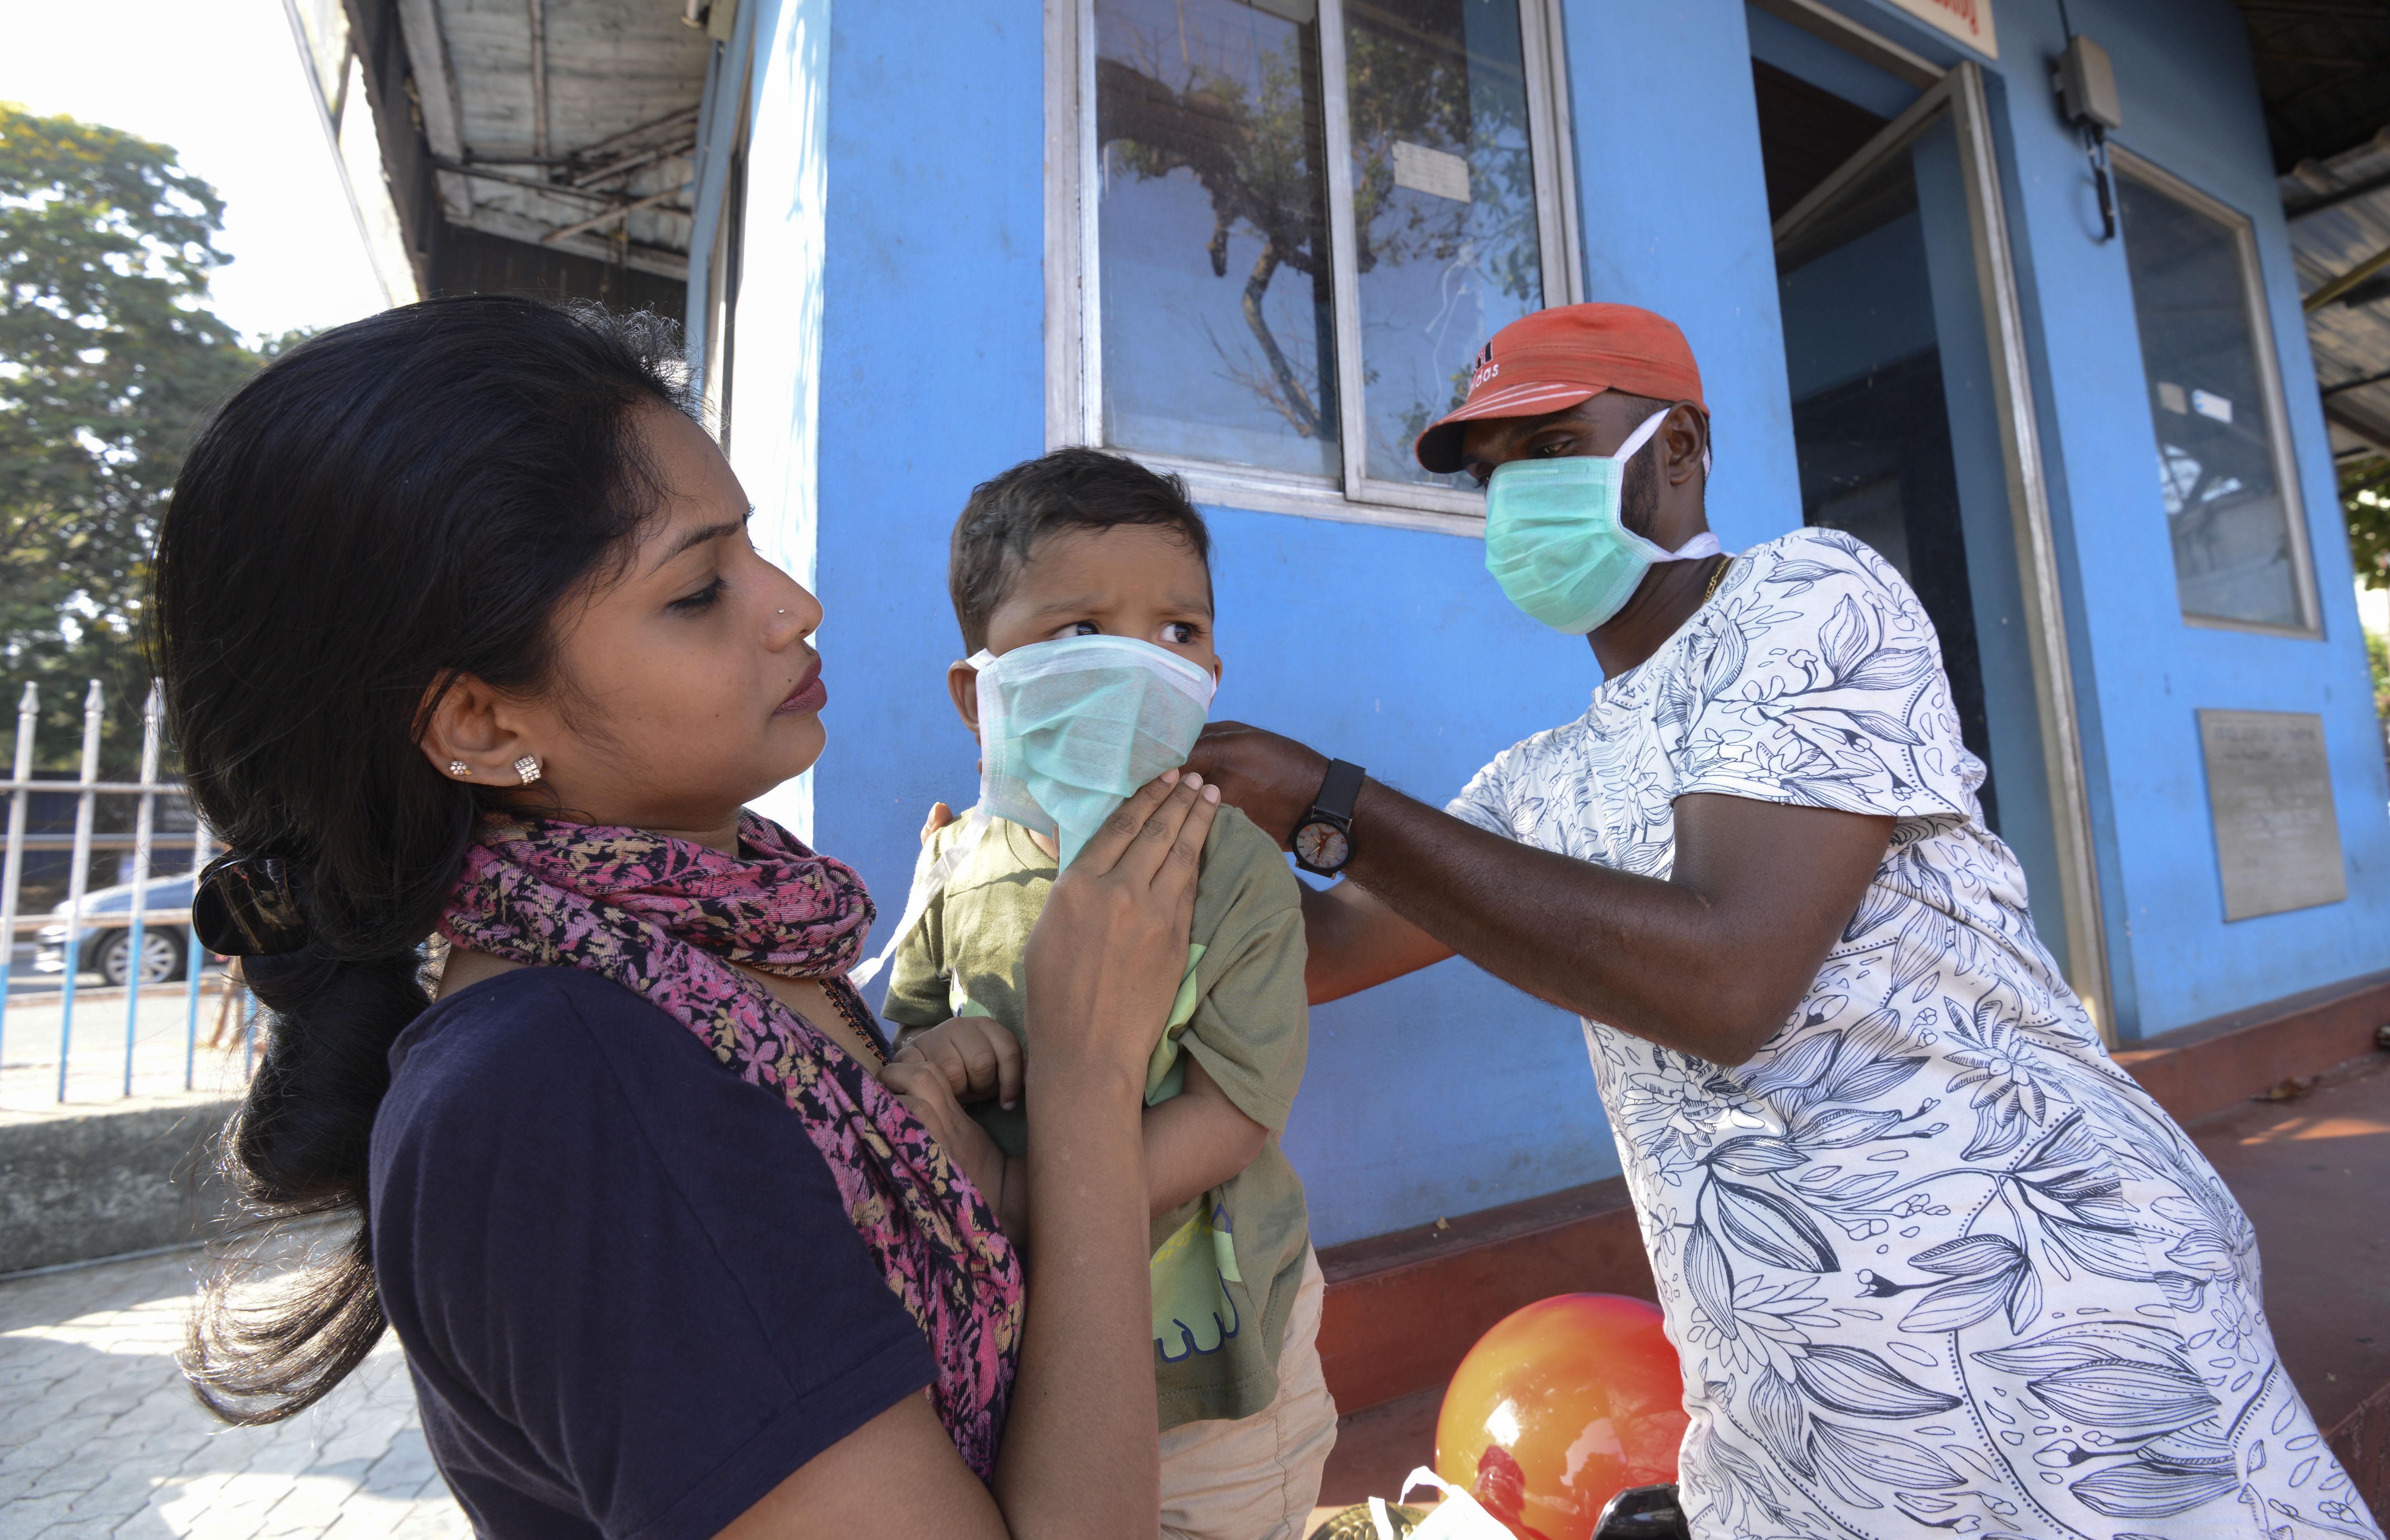 Indiában akár 7 év börtönt is kaphat az, aki egészségügyi dolgozóra támad